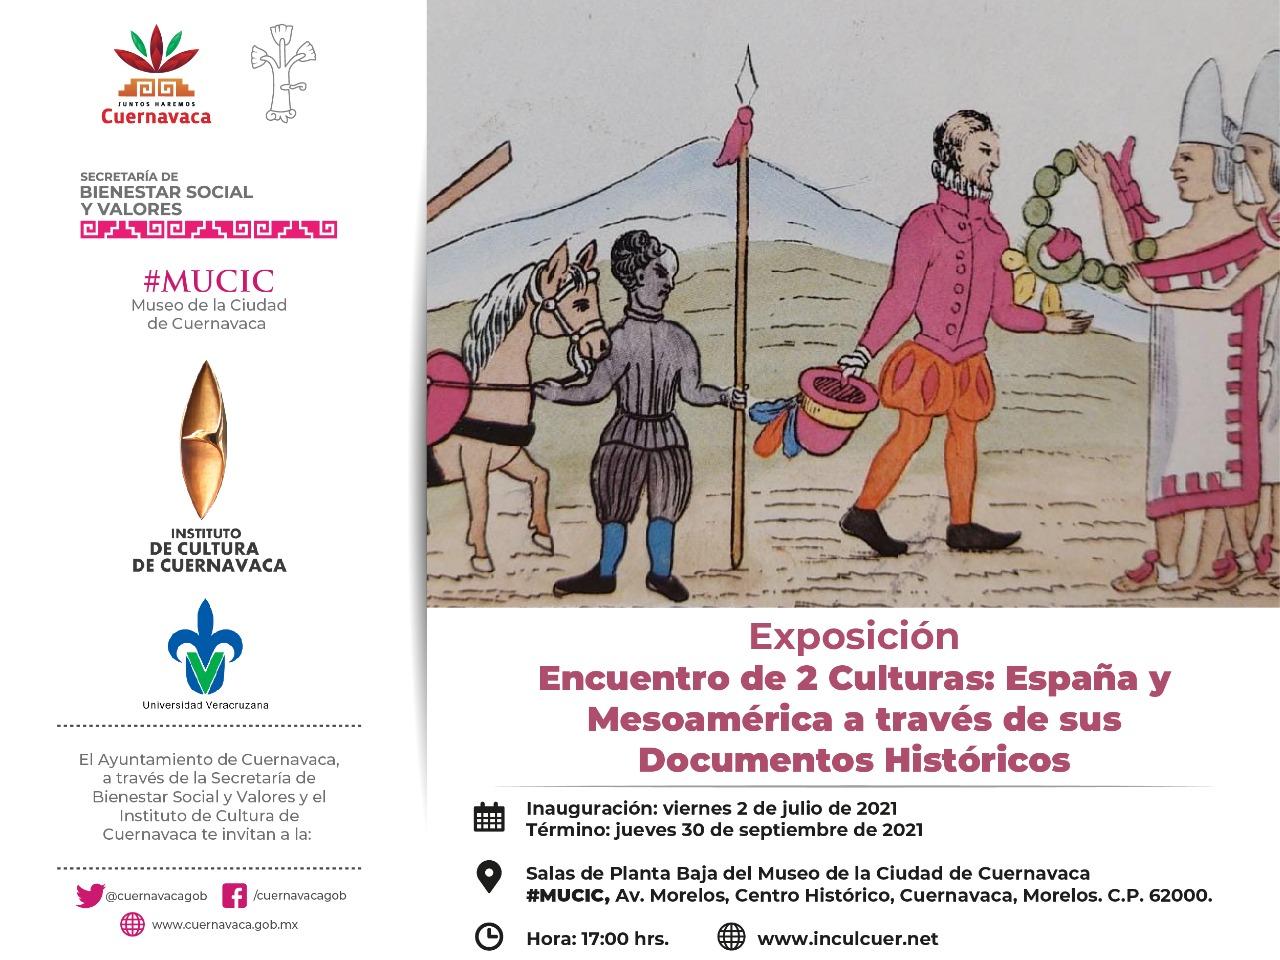 acercamiento histórico de la Cultura Mesoamericana y Española.